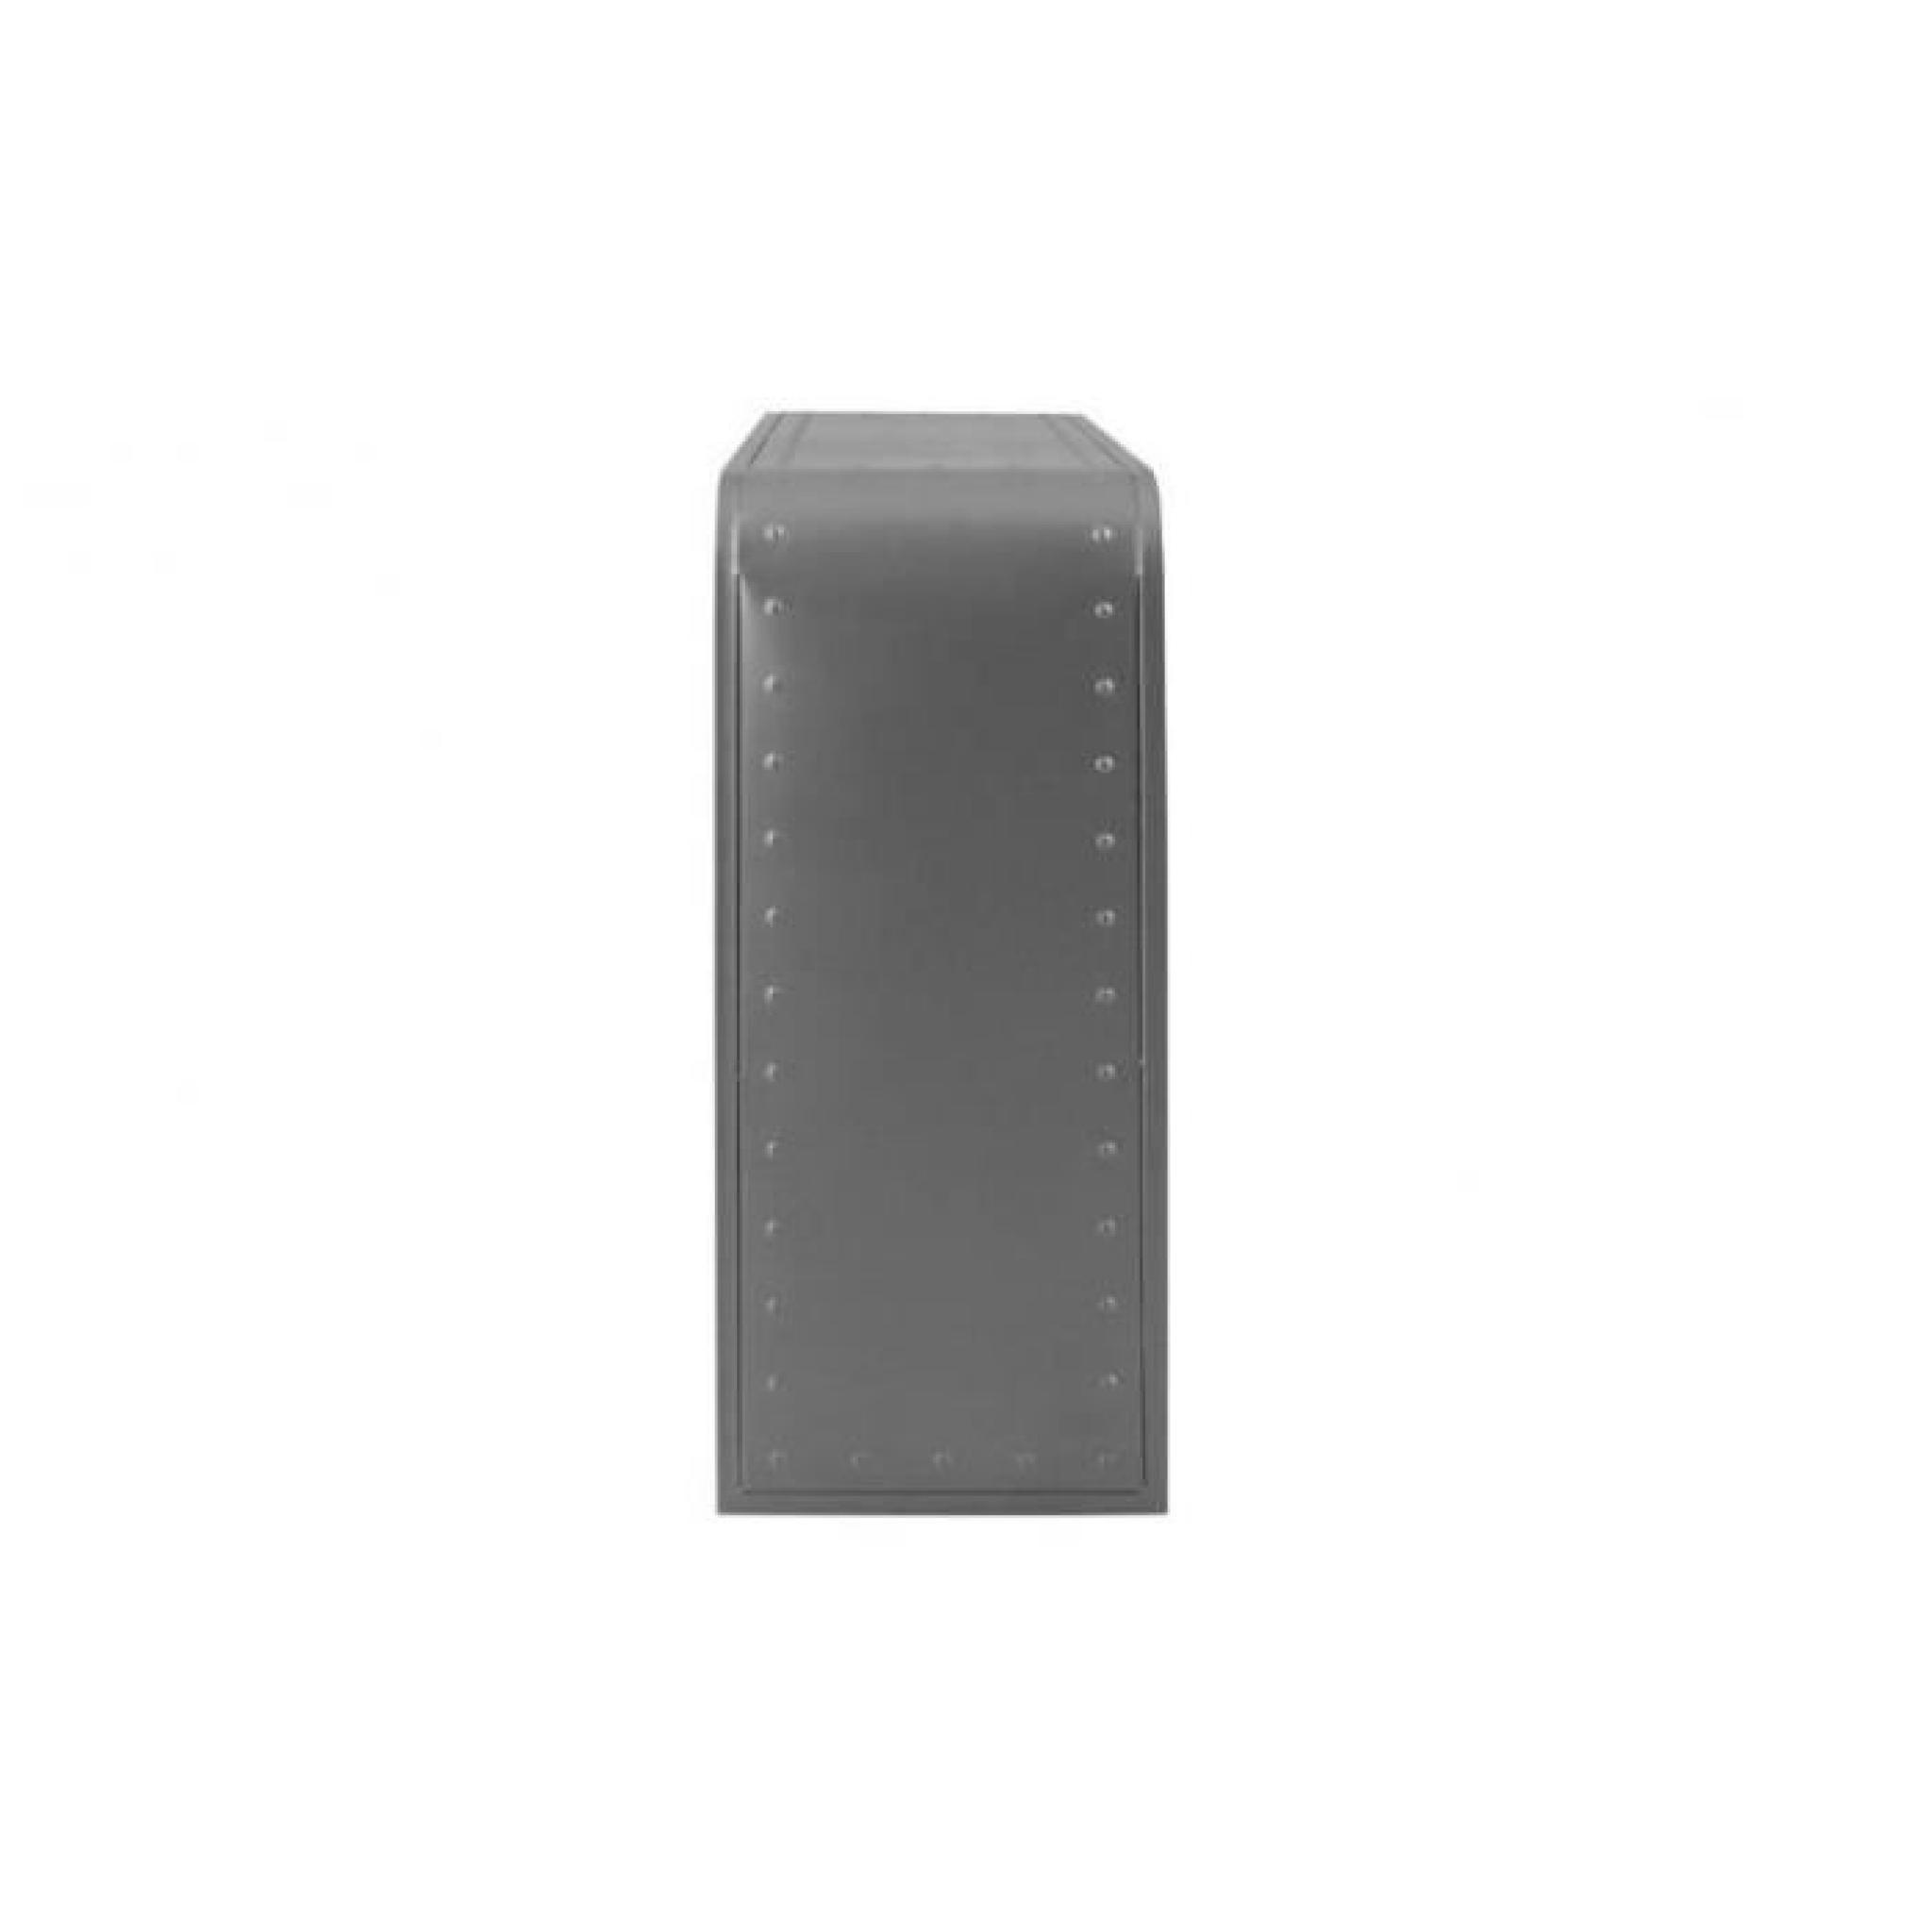 Console en m tal steely achat vente console meuble pas for Console meuble pas cher design